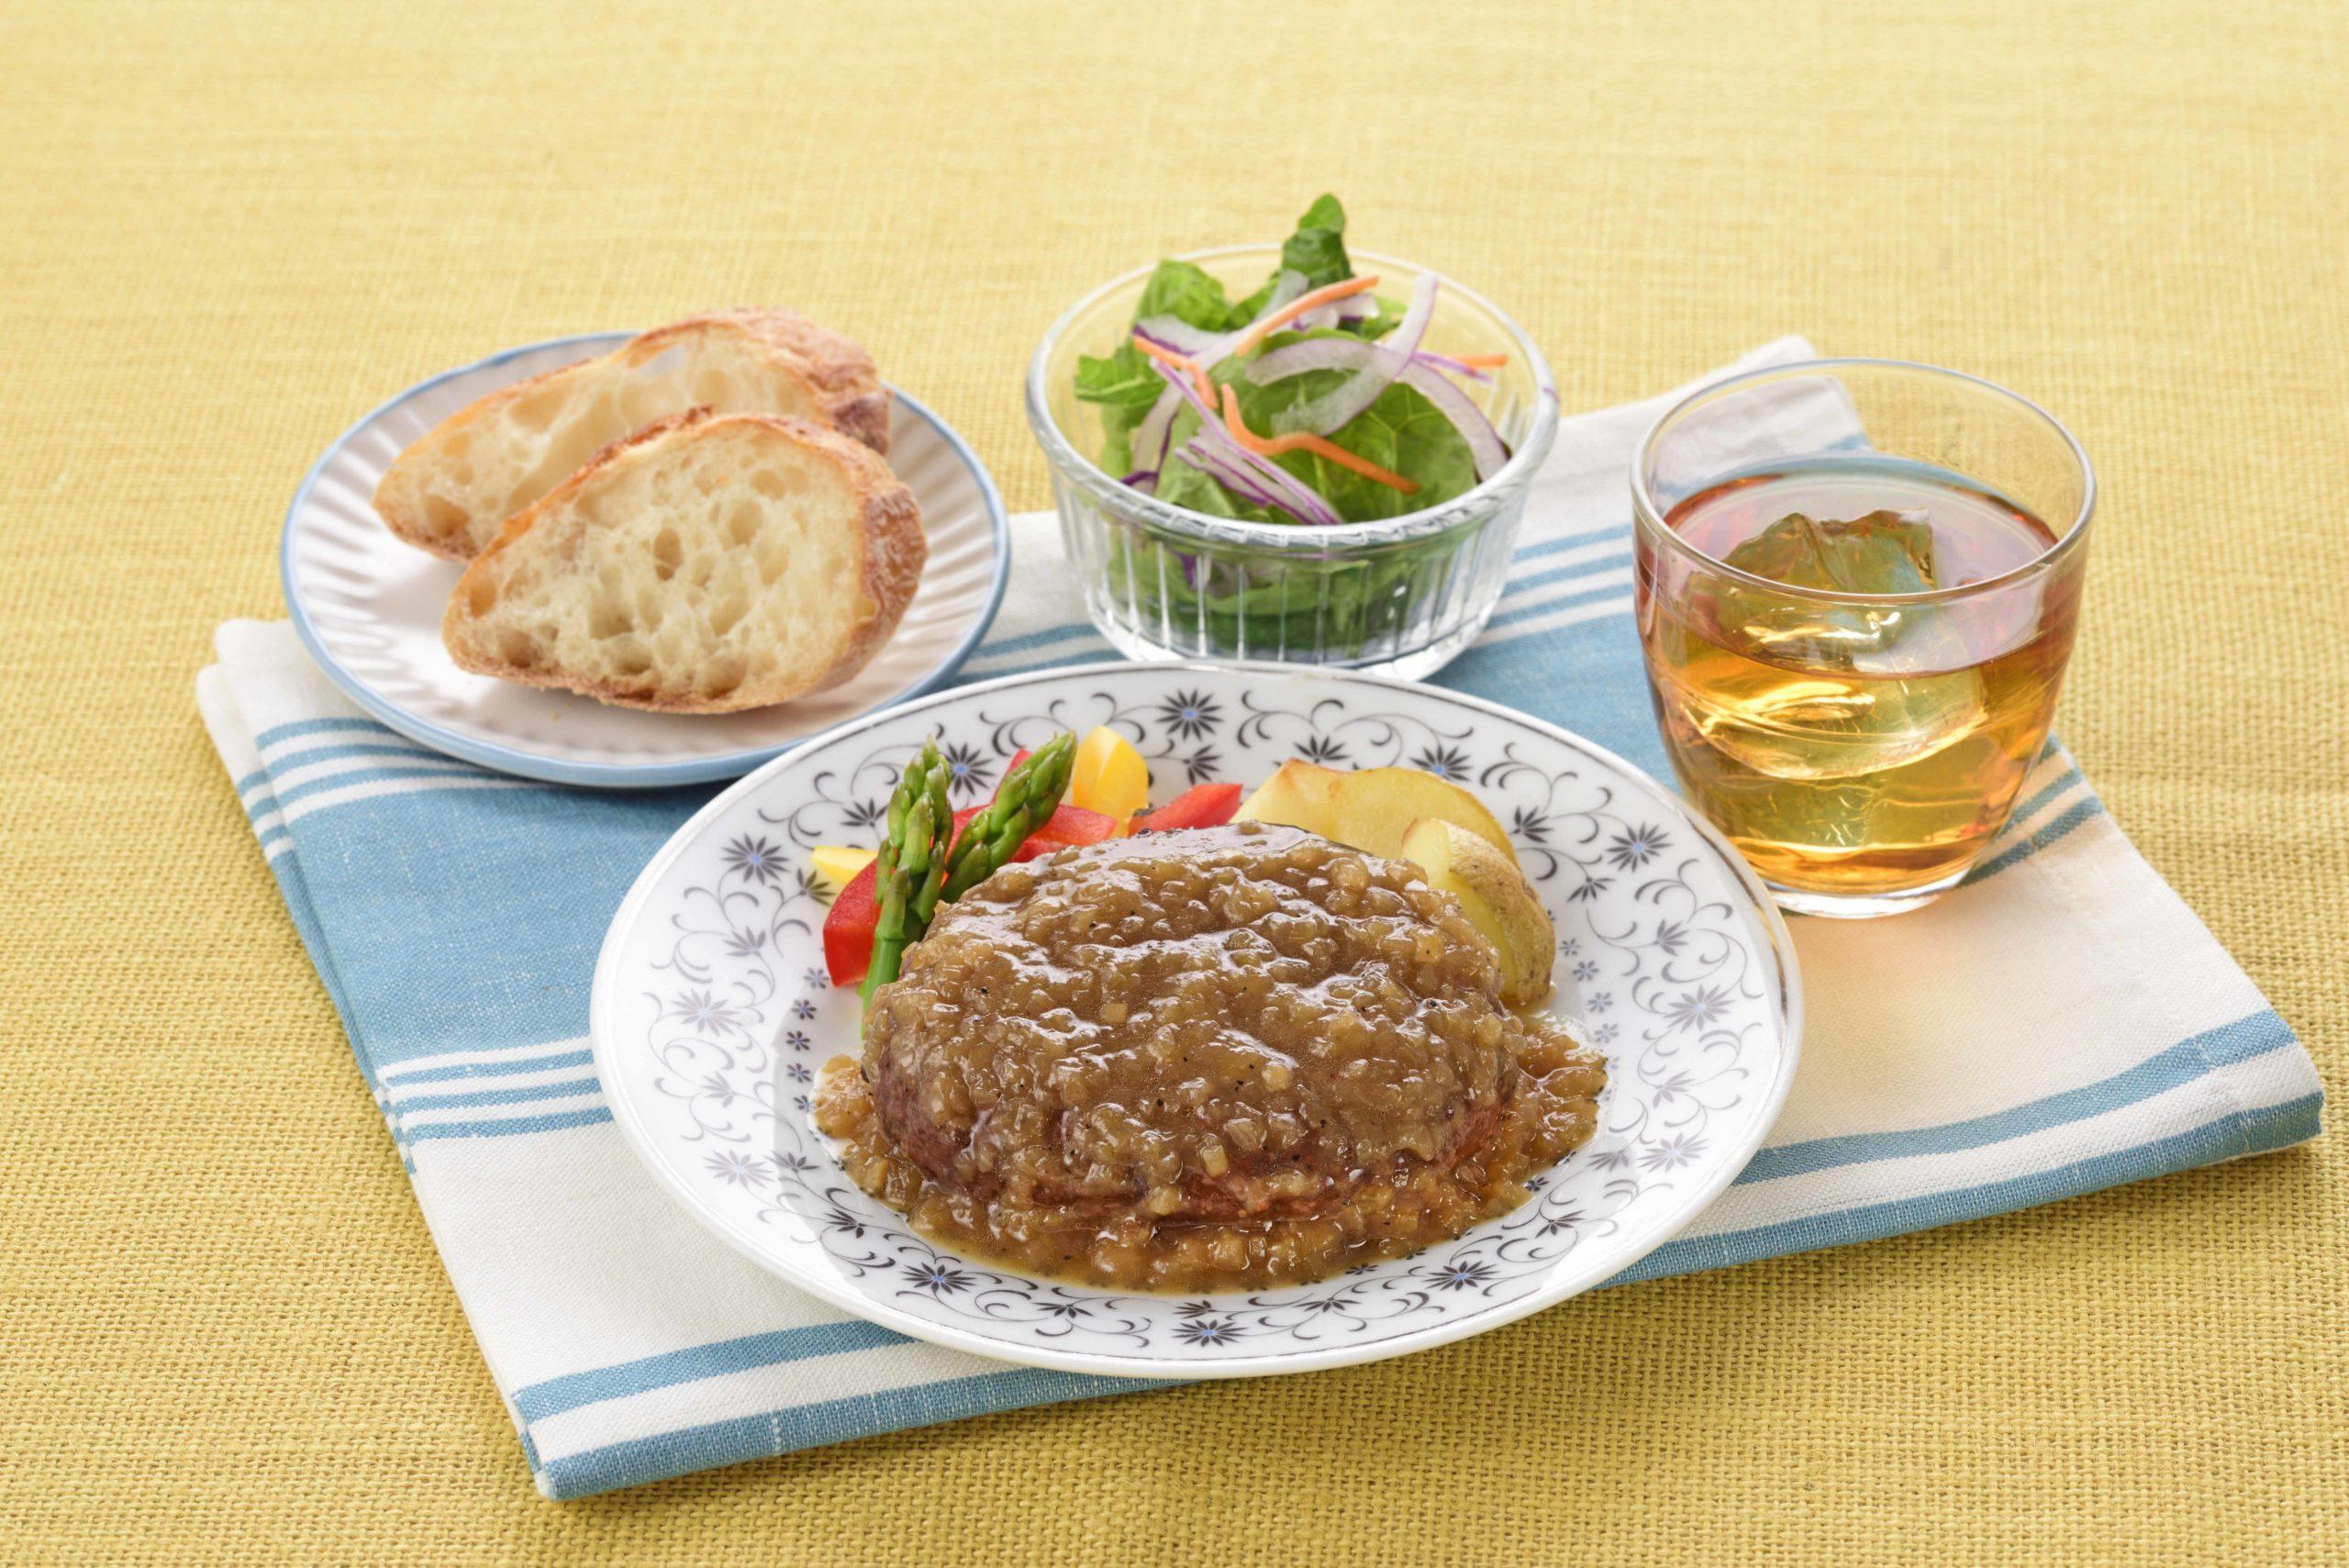 淡路玉ねぎハンバーグ 和風オニオンソース食卓イメージ